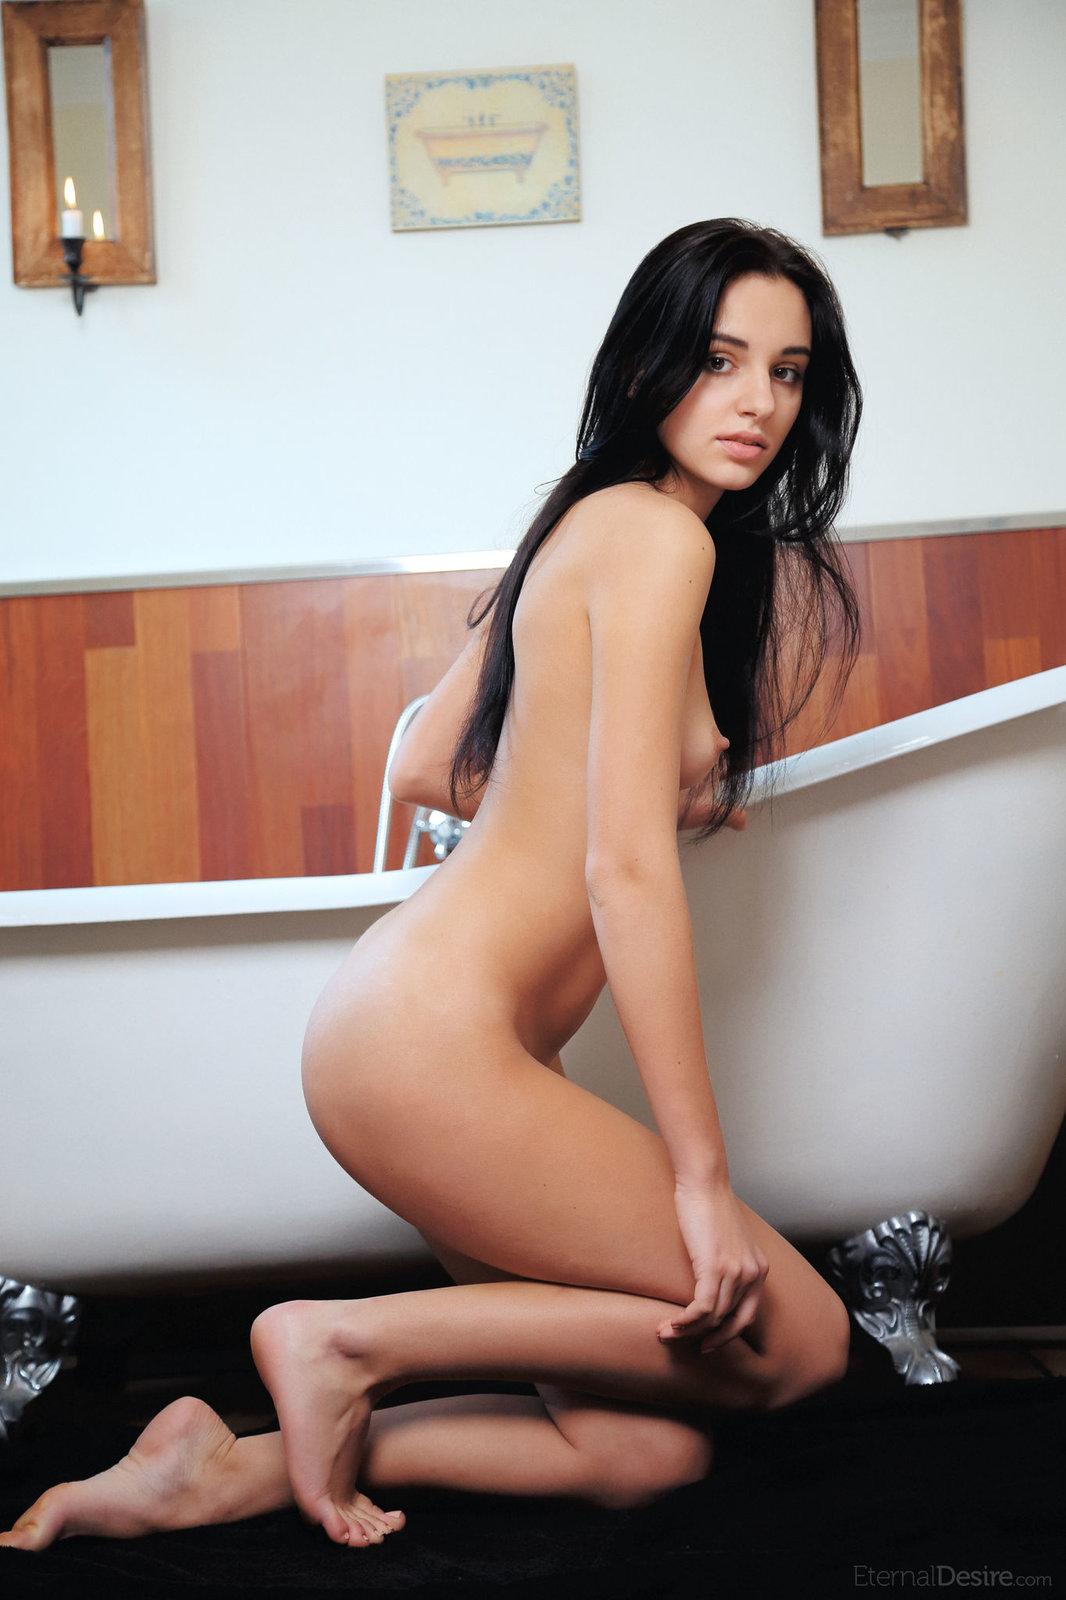 Zdjęcie porno - 04 - Palcówka w łazience